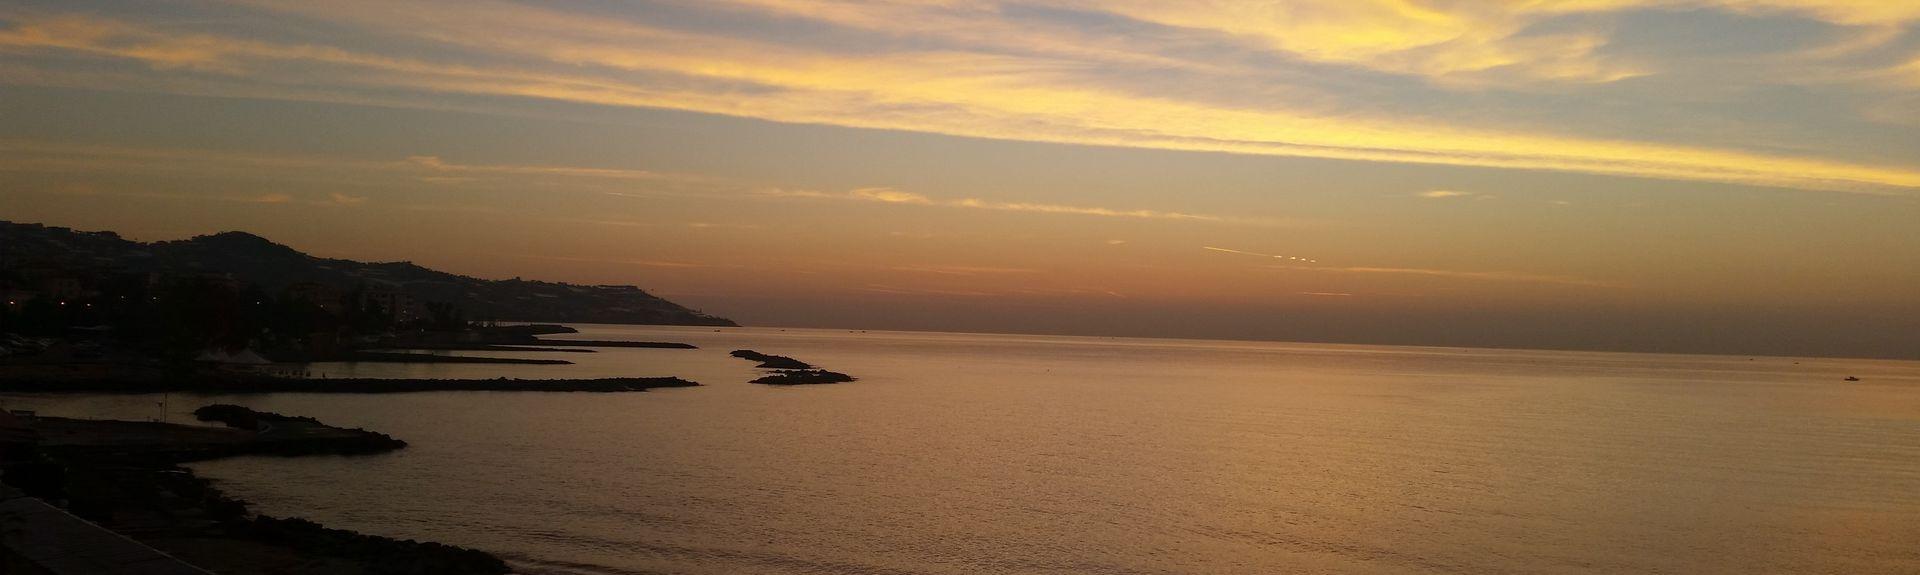 Bajardo, Liguria, Italy